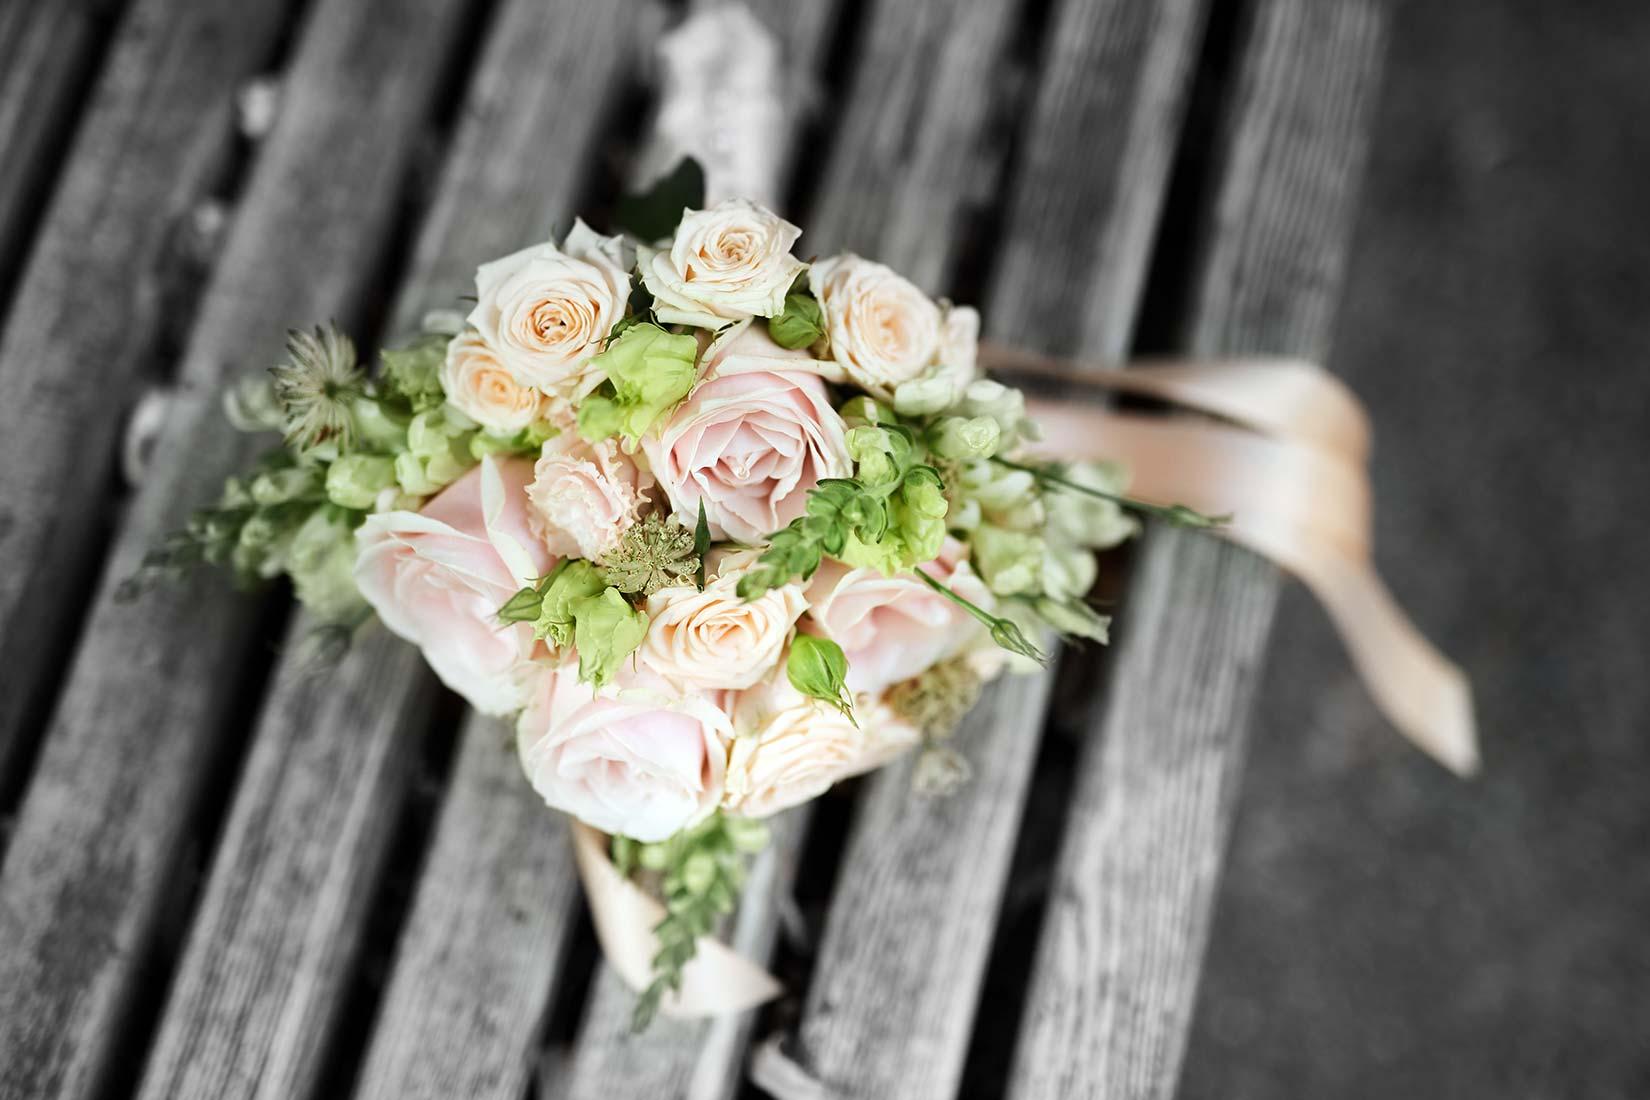 Hochzeitsstrauß schwarz-weiß/farbig – Hochzeitsfotos Koblenz